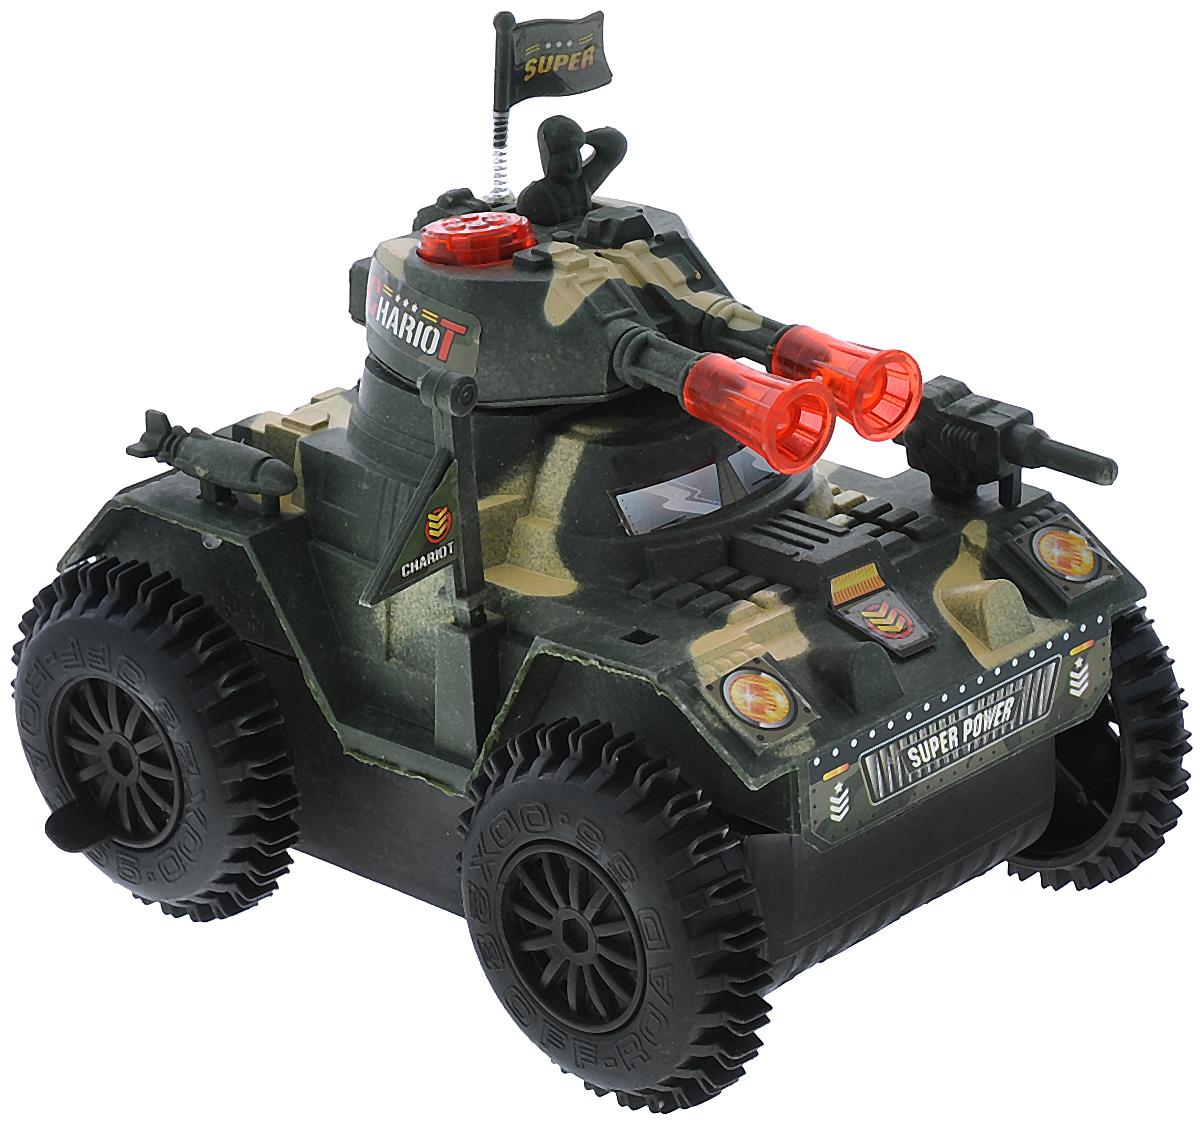 Junfa Toys Танк со световыми и звуковыми эффектами цвет зеленый бежевый2102B/2103B_зеленый с бежевыми пятнамиТанк Junfa Toys, со световыми и звуковым эффектами привлечет внимание не только ребенка, но и взрослого и станет отличным подарком любителю военной техники. После включения танк начинает двигаться, а при столкновении с препятствием он поворачивается и продолжает движение. Танк изготовлен из современных прочных материалов, устойчивых к небольшим крушениям, колеса прорезинены. Порадуйте своего ребенка таким замечательным подарком! Необходимо докупить 3 батареи напряжением 1,5V типа АА (не входят в комплект).